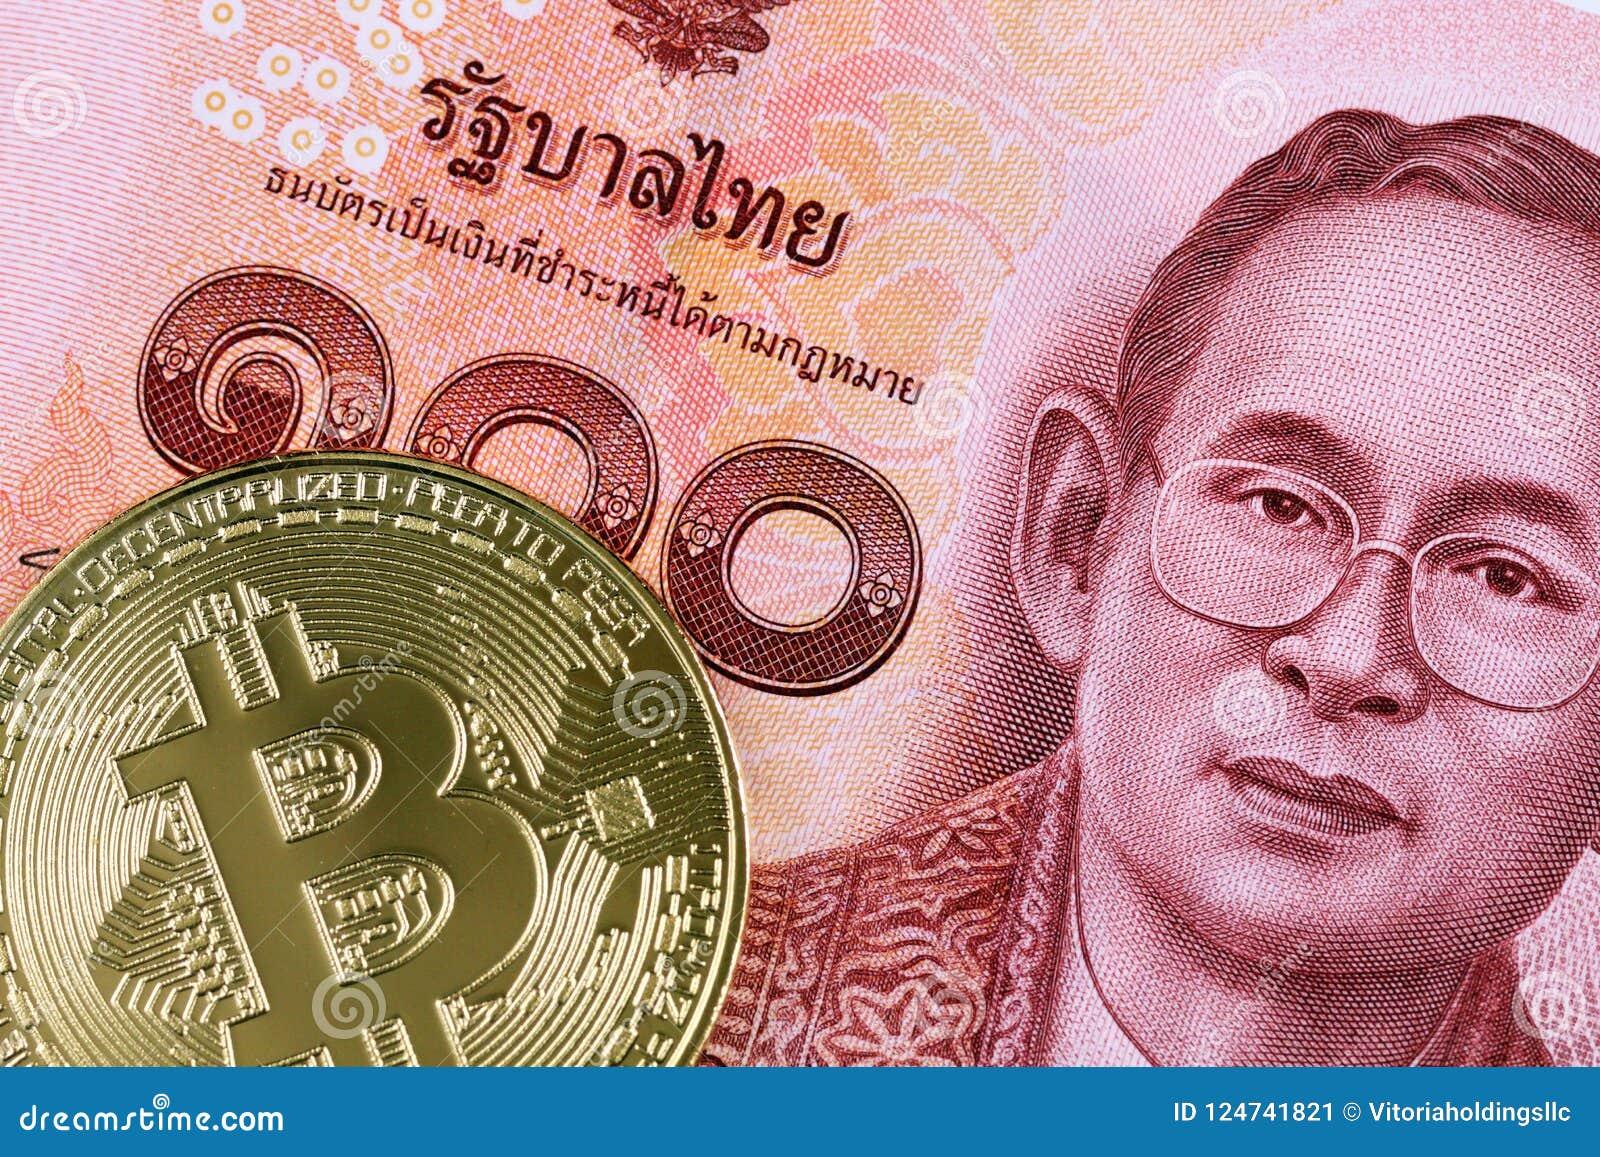 bitcoin la thai baht)